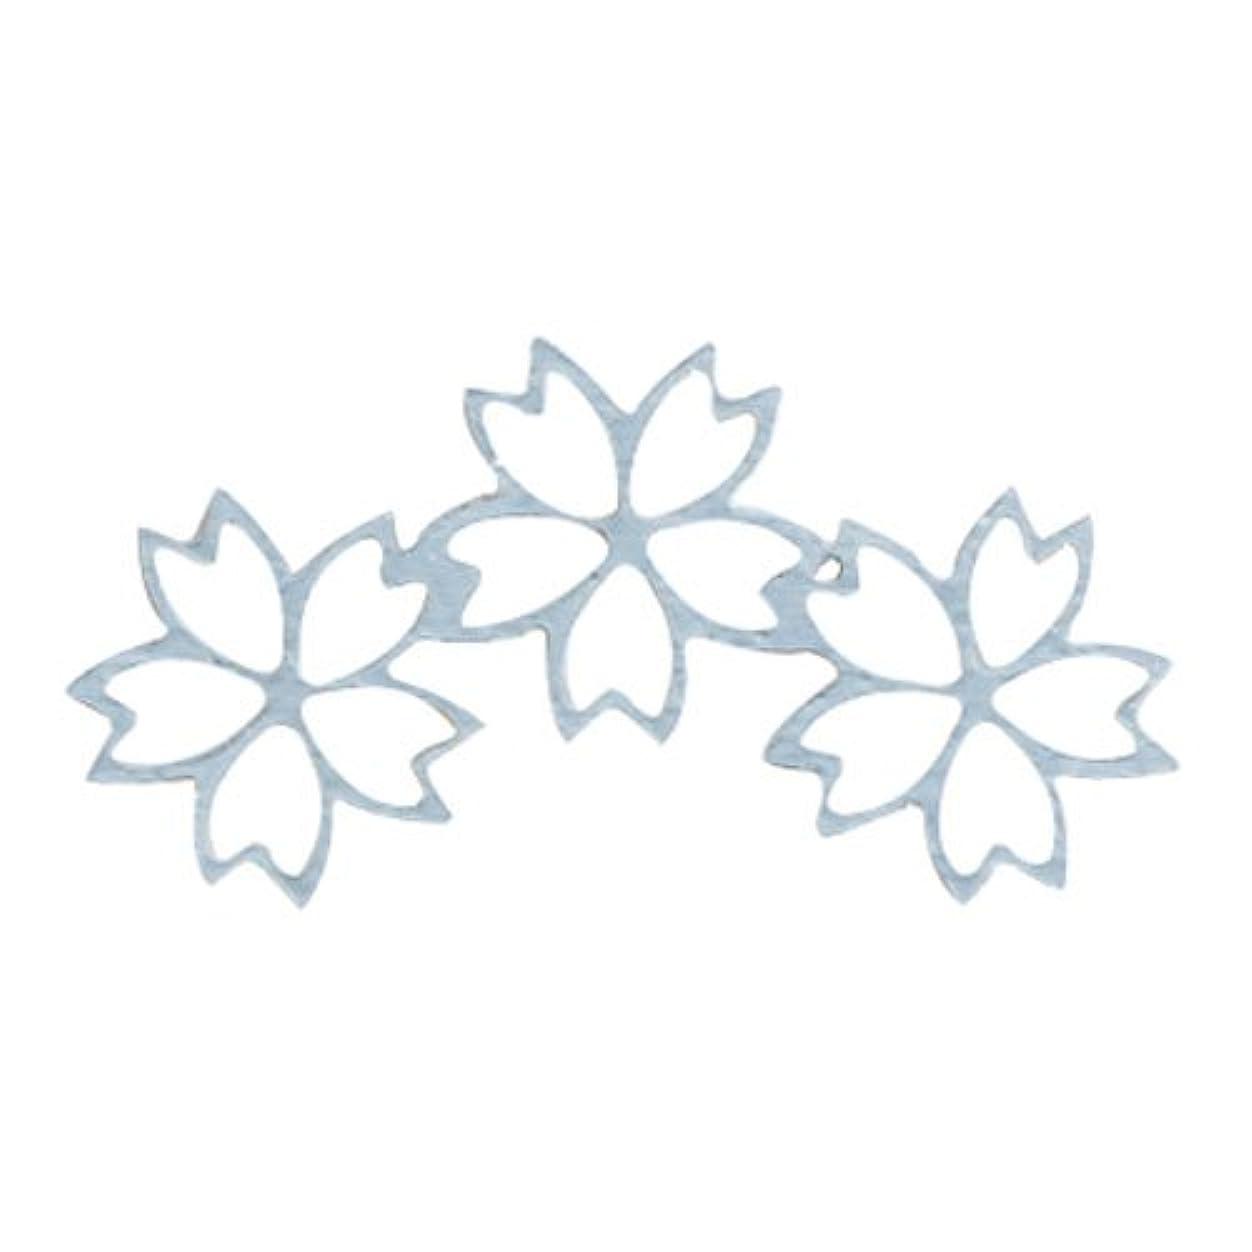 マングルテナント一般的なリトルプリティー ネイルアートパーツ チェリーブロッサム3連スカシ シルバー 10個